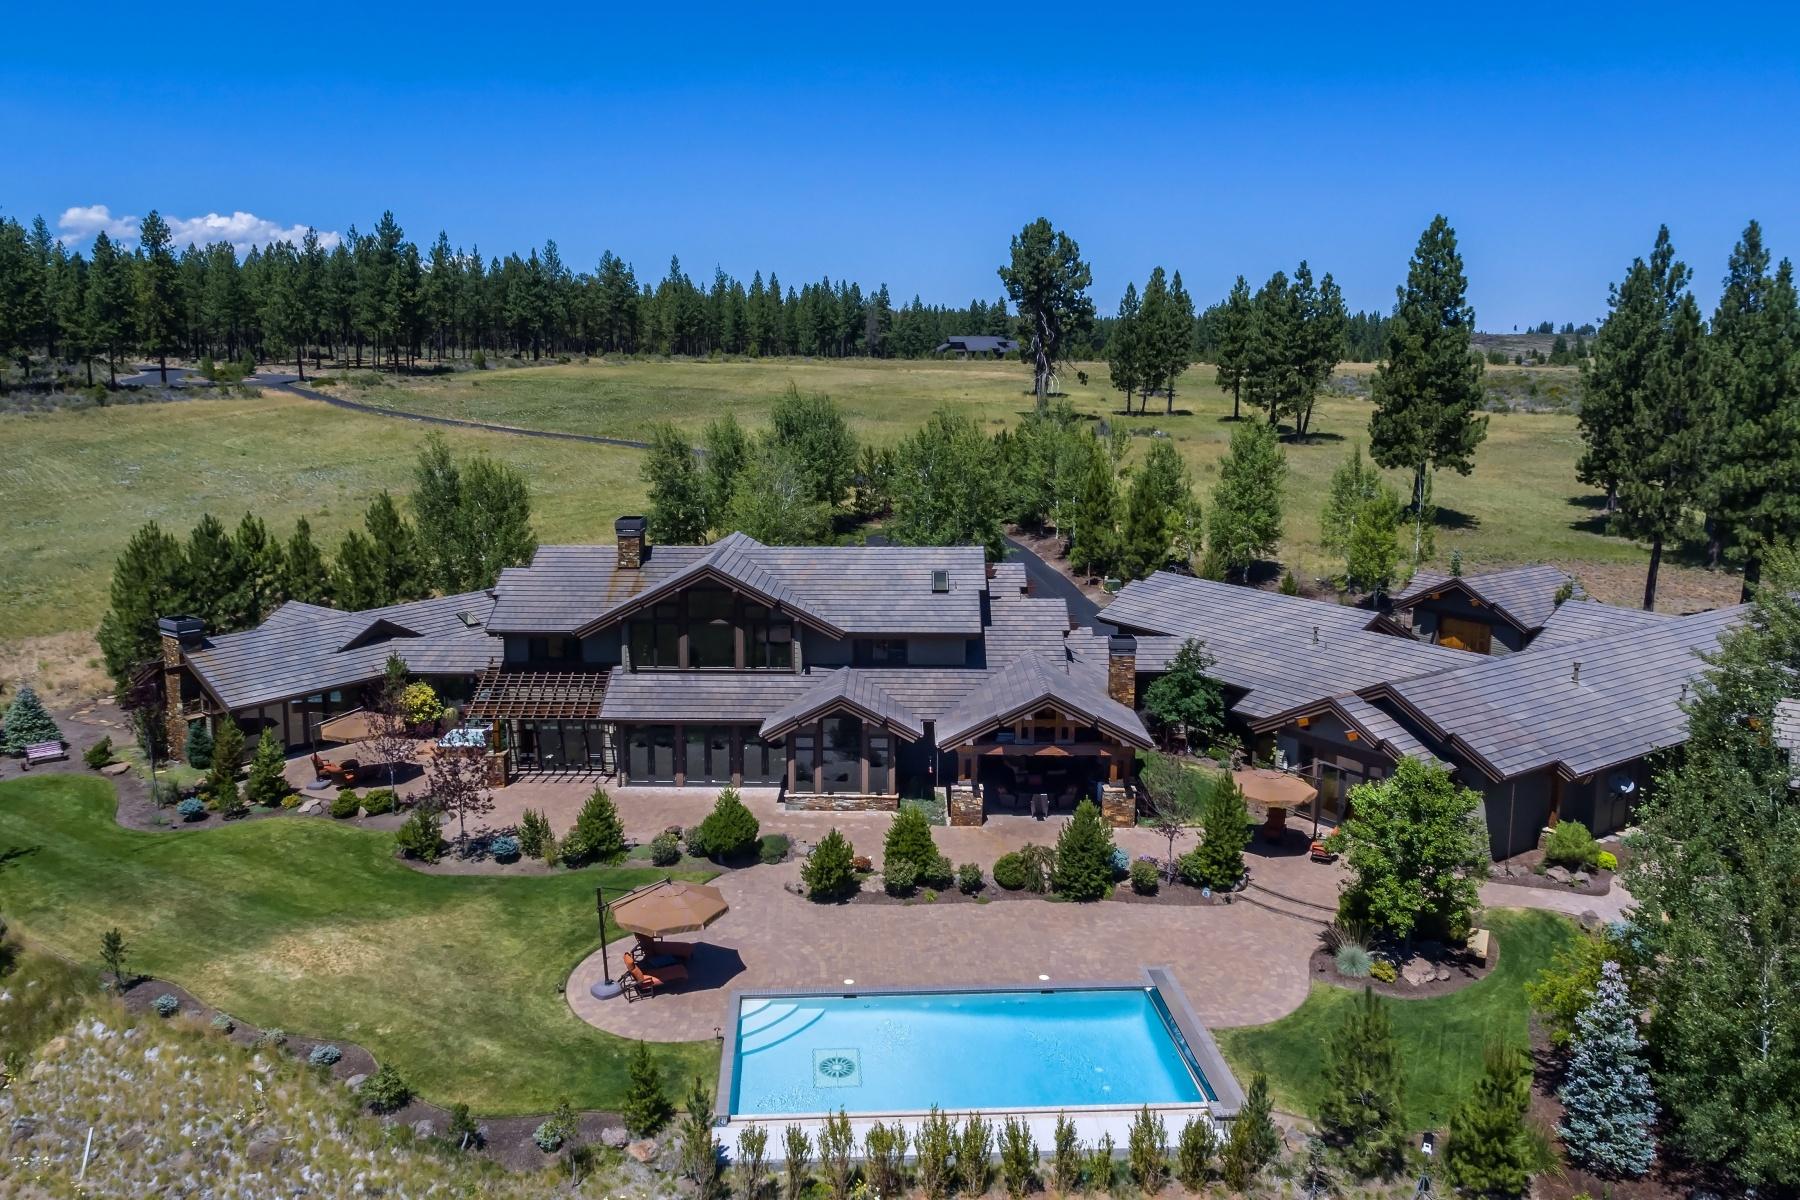 Maison unifamiliale pour l Vente à 18883 Sutherland Court 18883 Sutherland Ct Bend, Oregon, 97702 États-Unis